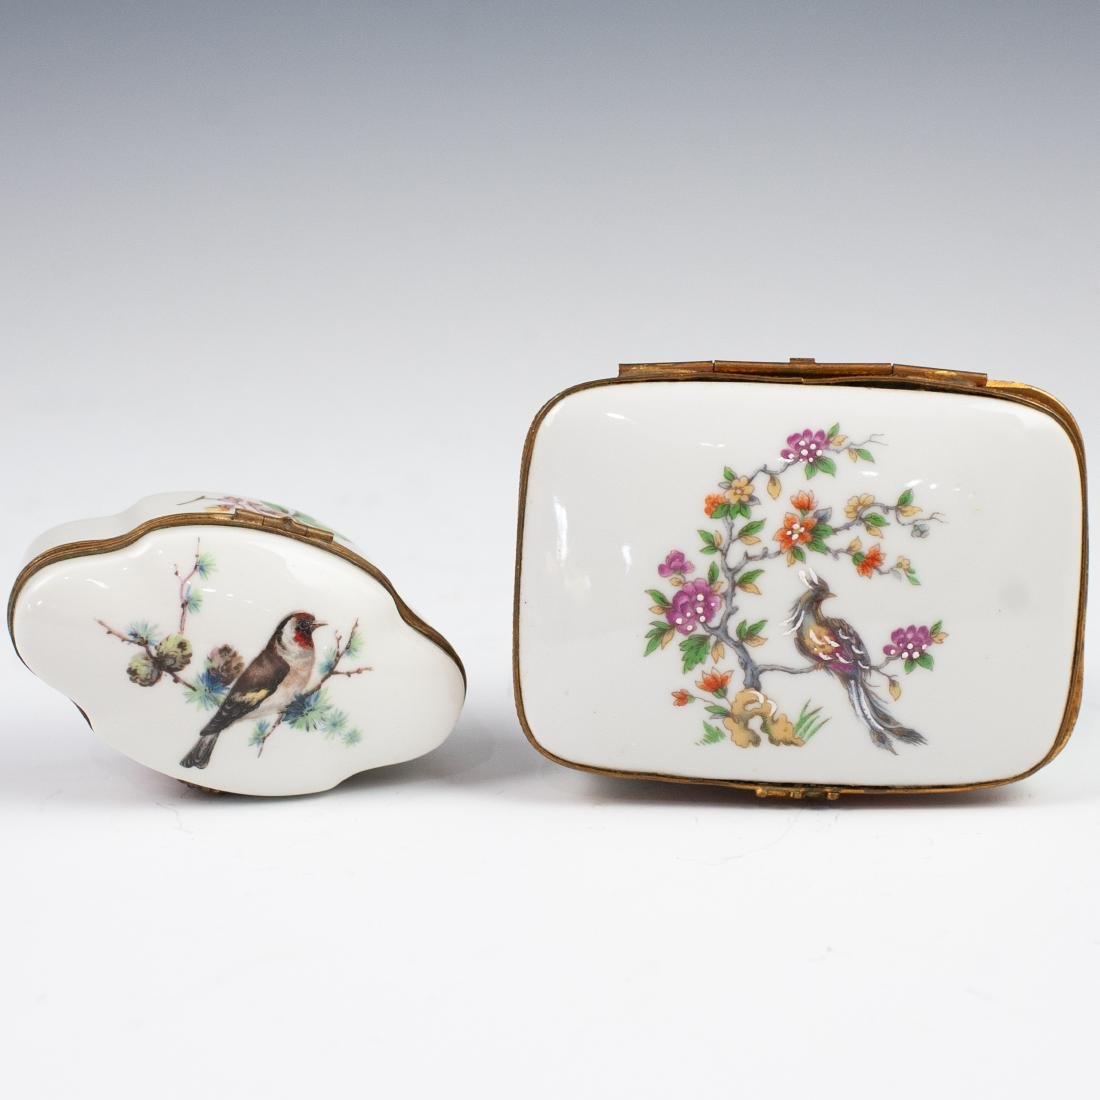 Limoges Porcelain Dresser Boxes - 2